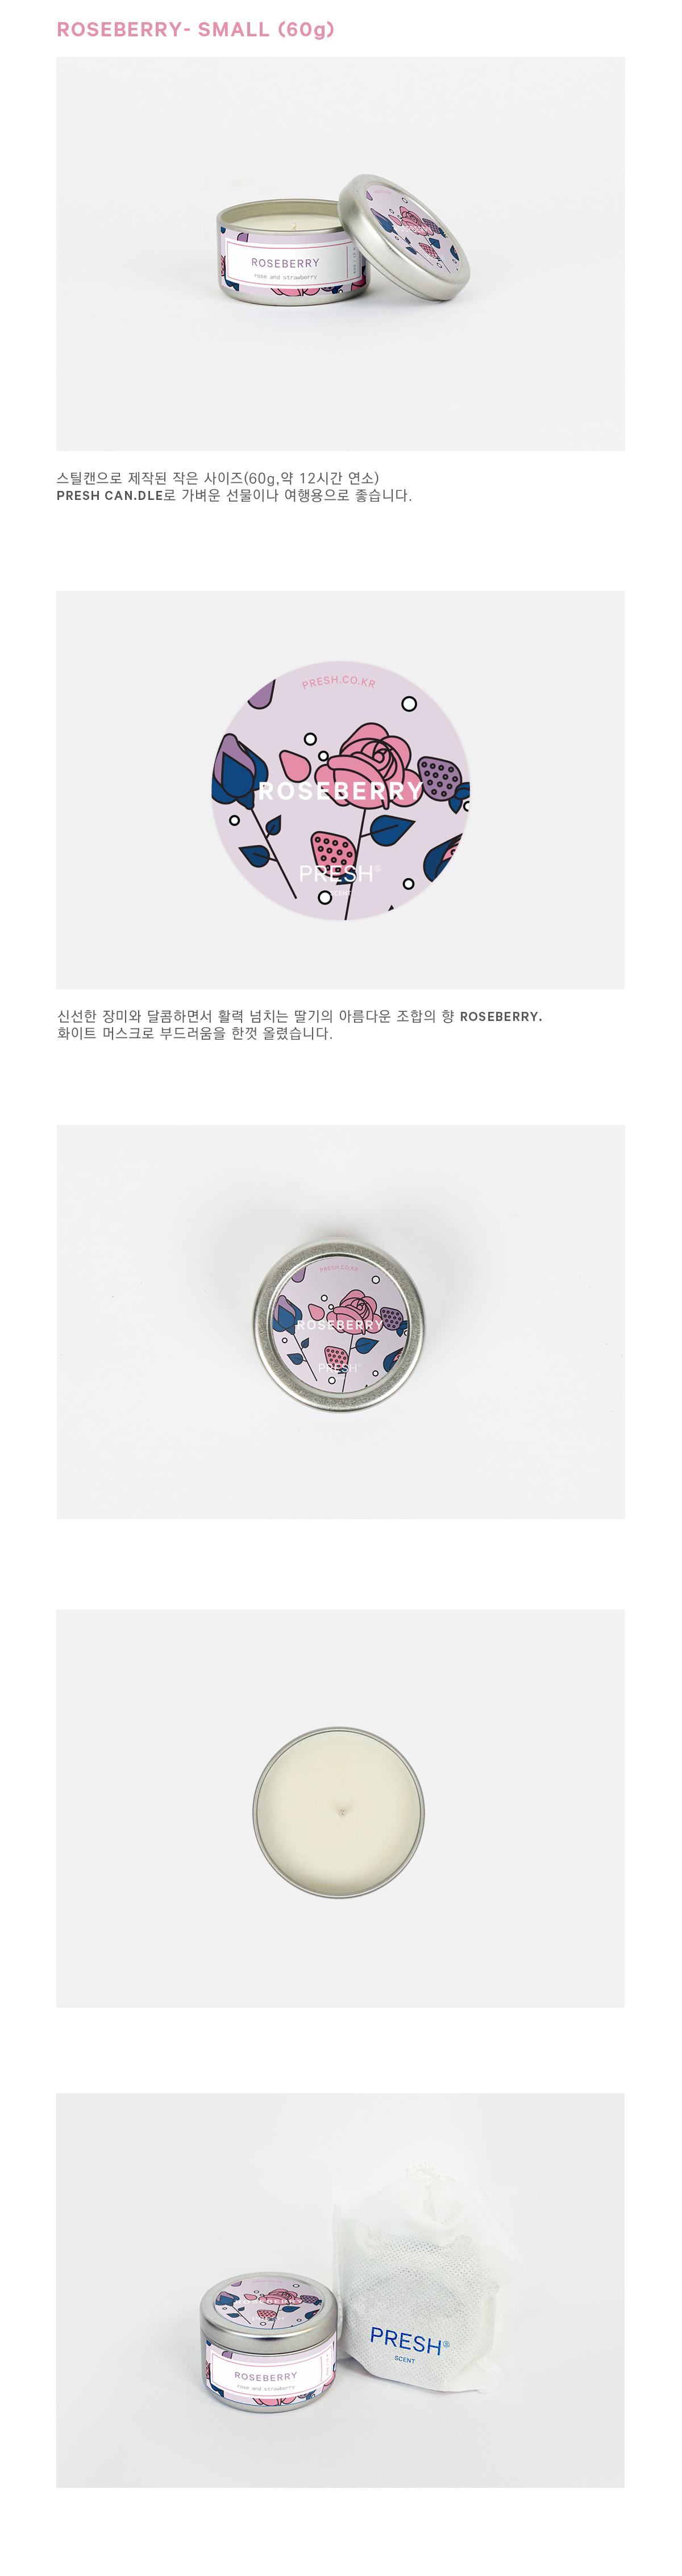 미스테리 캔들 ROSEBERRY 장미딸기 TEEN TIN - 프레쉬, 9,000원, 캔들, 아로마 캔들